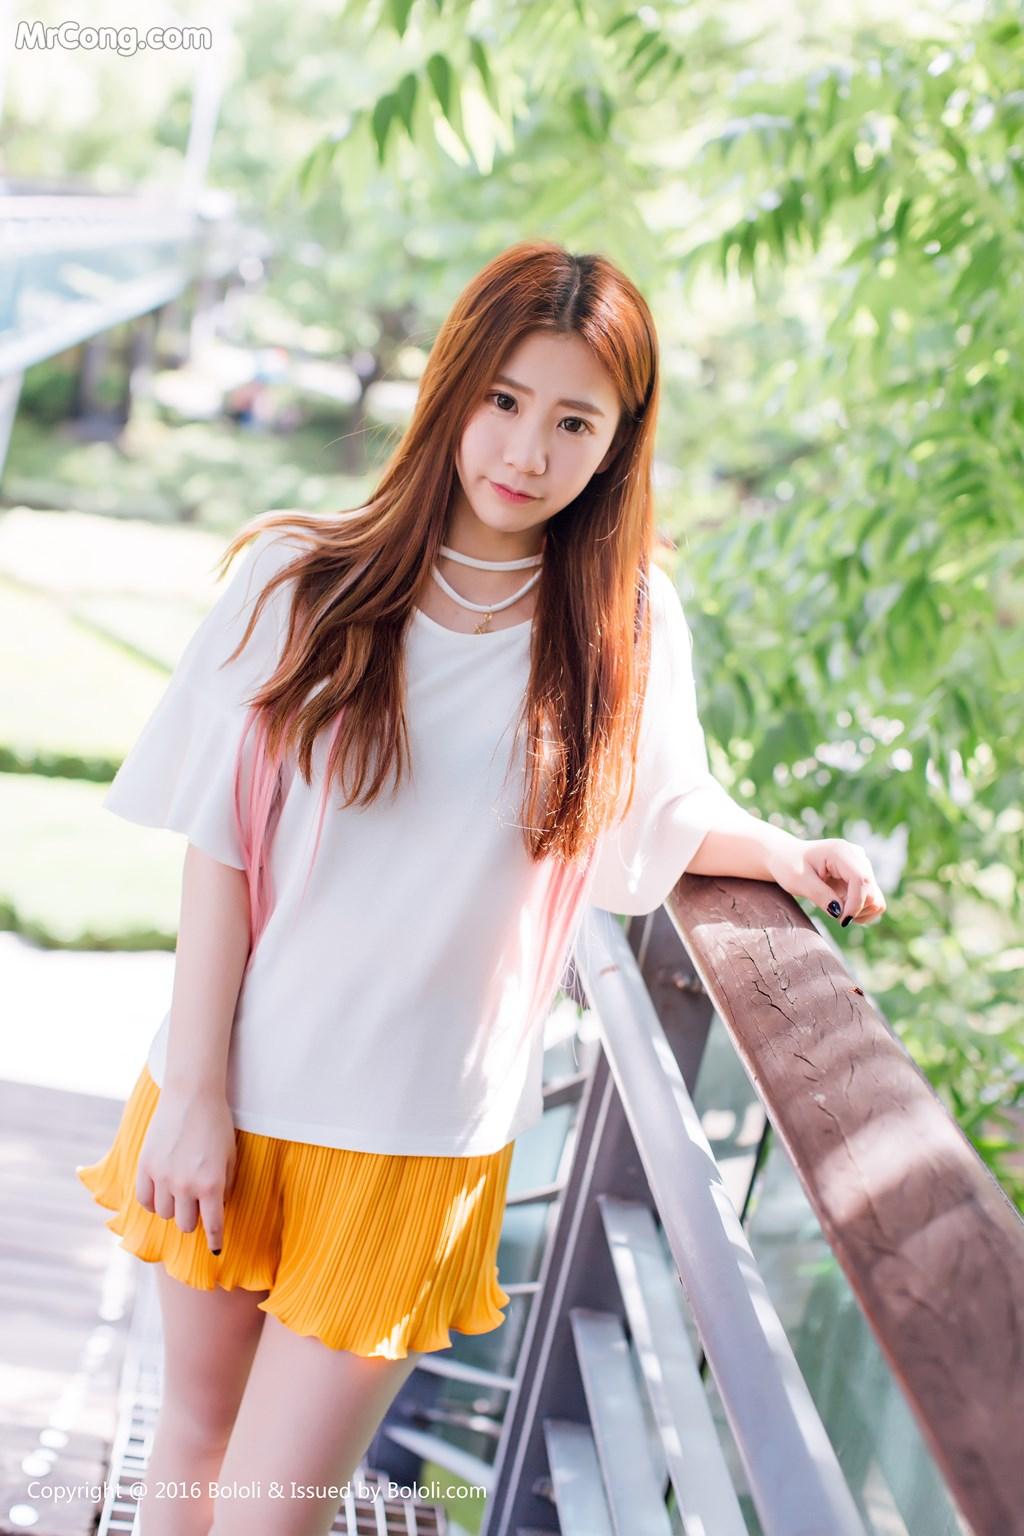 Image Tukmo-Vol.109-Dong-Chen-Li-MrCong.com-001 in post Tukmo Vol.109: Người mẫu Dong Chen Li (董成丽) (41 ảnh)